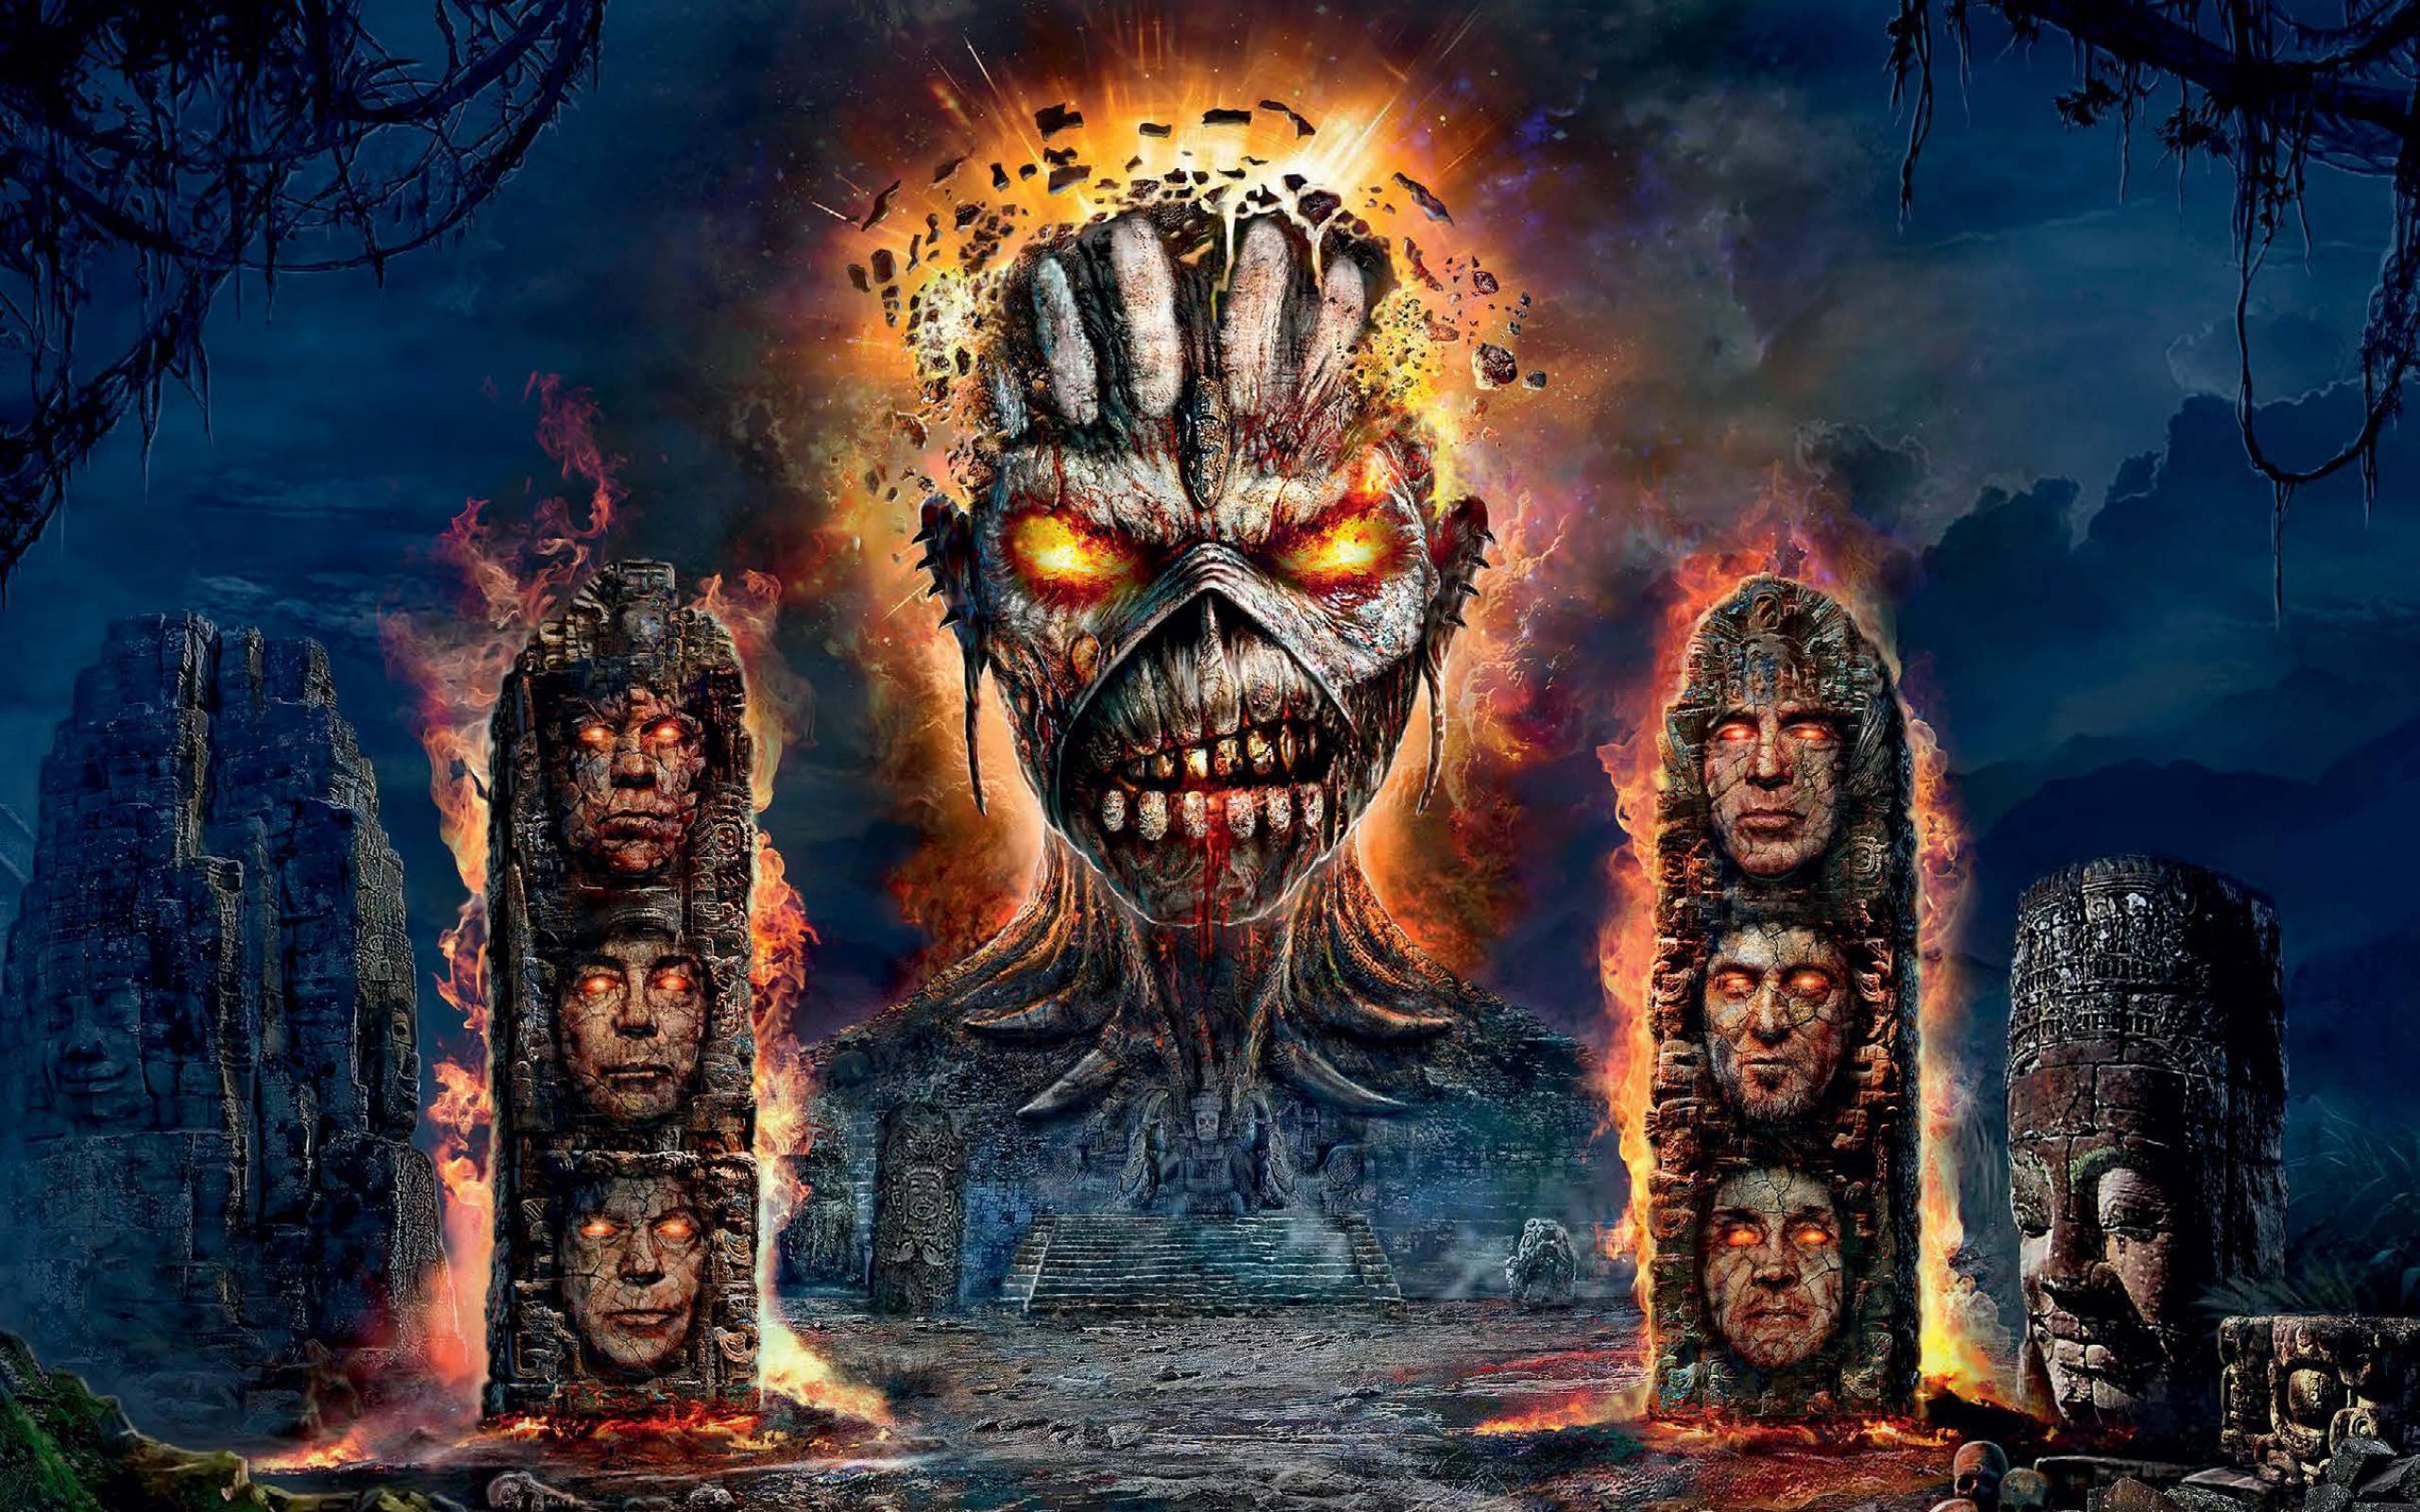 Iron Maiden Desktop Wallpaper: Iron Maiden Wallpapers High Resolution